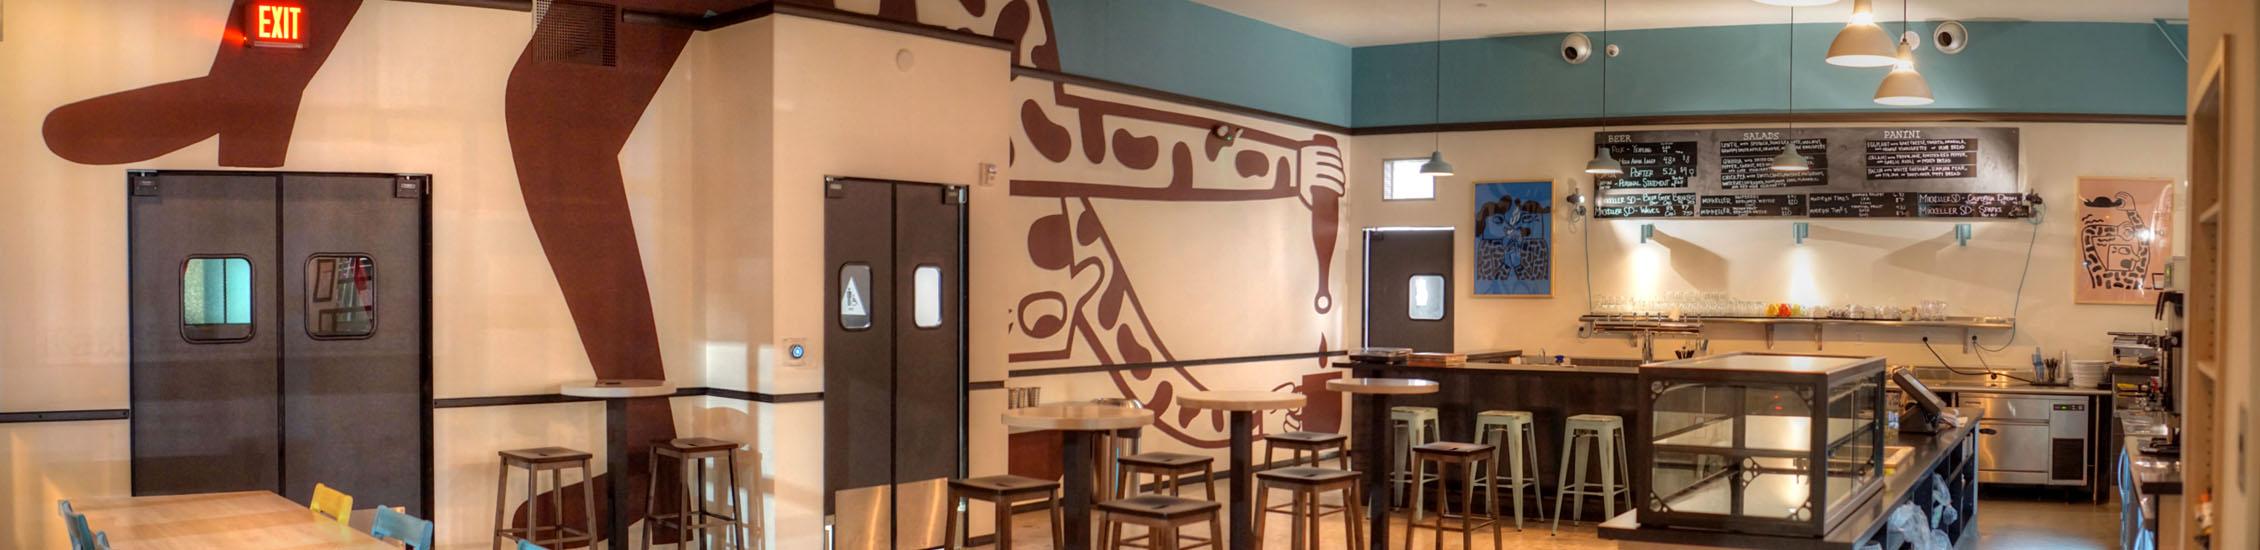 Mikkeller Bar Kaffebaren